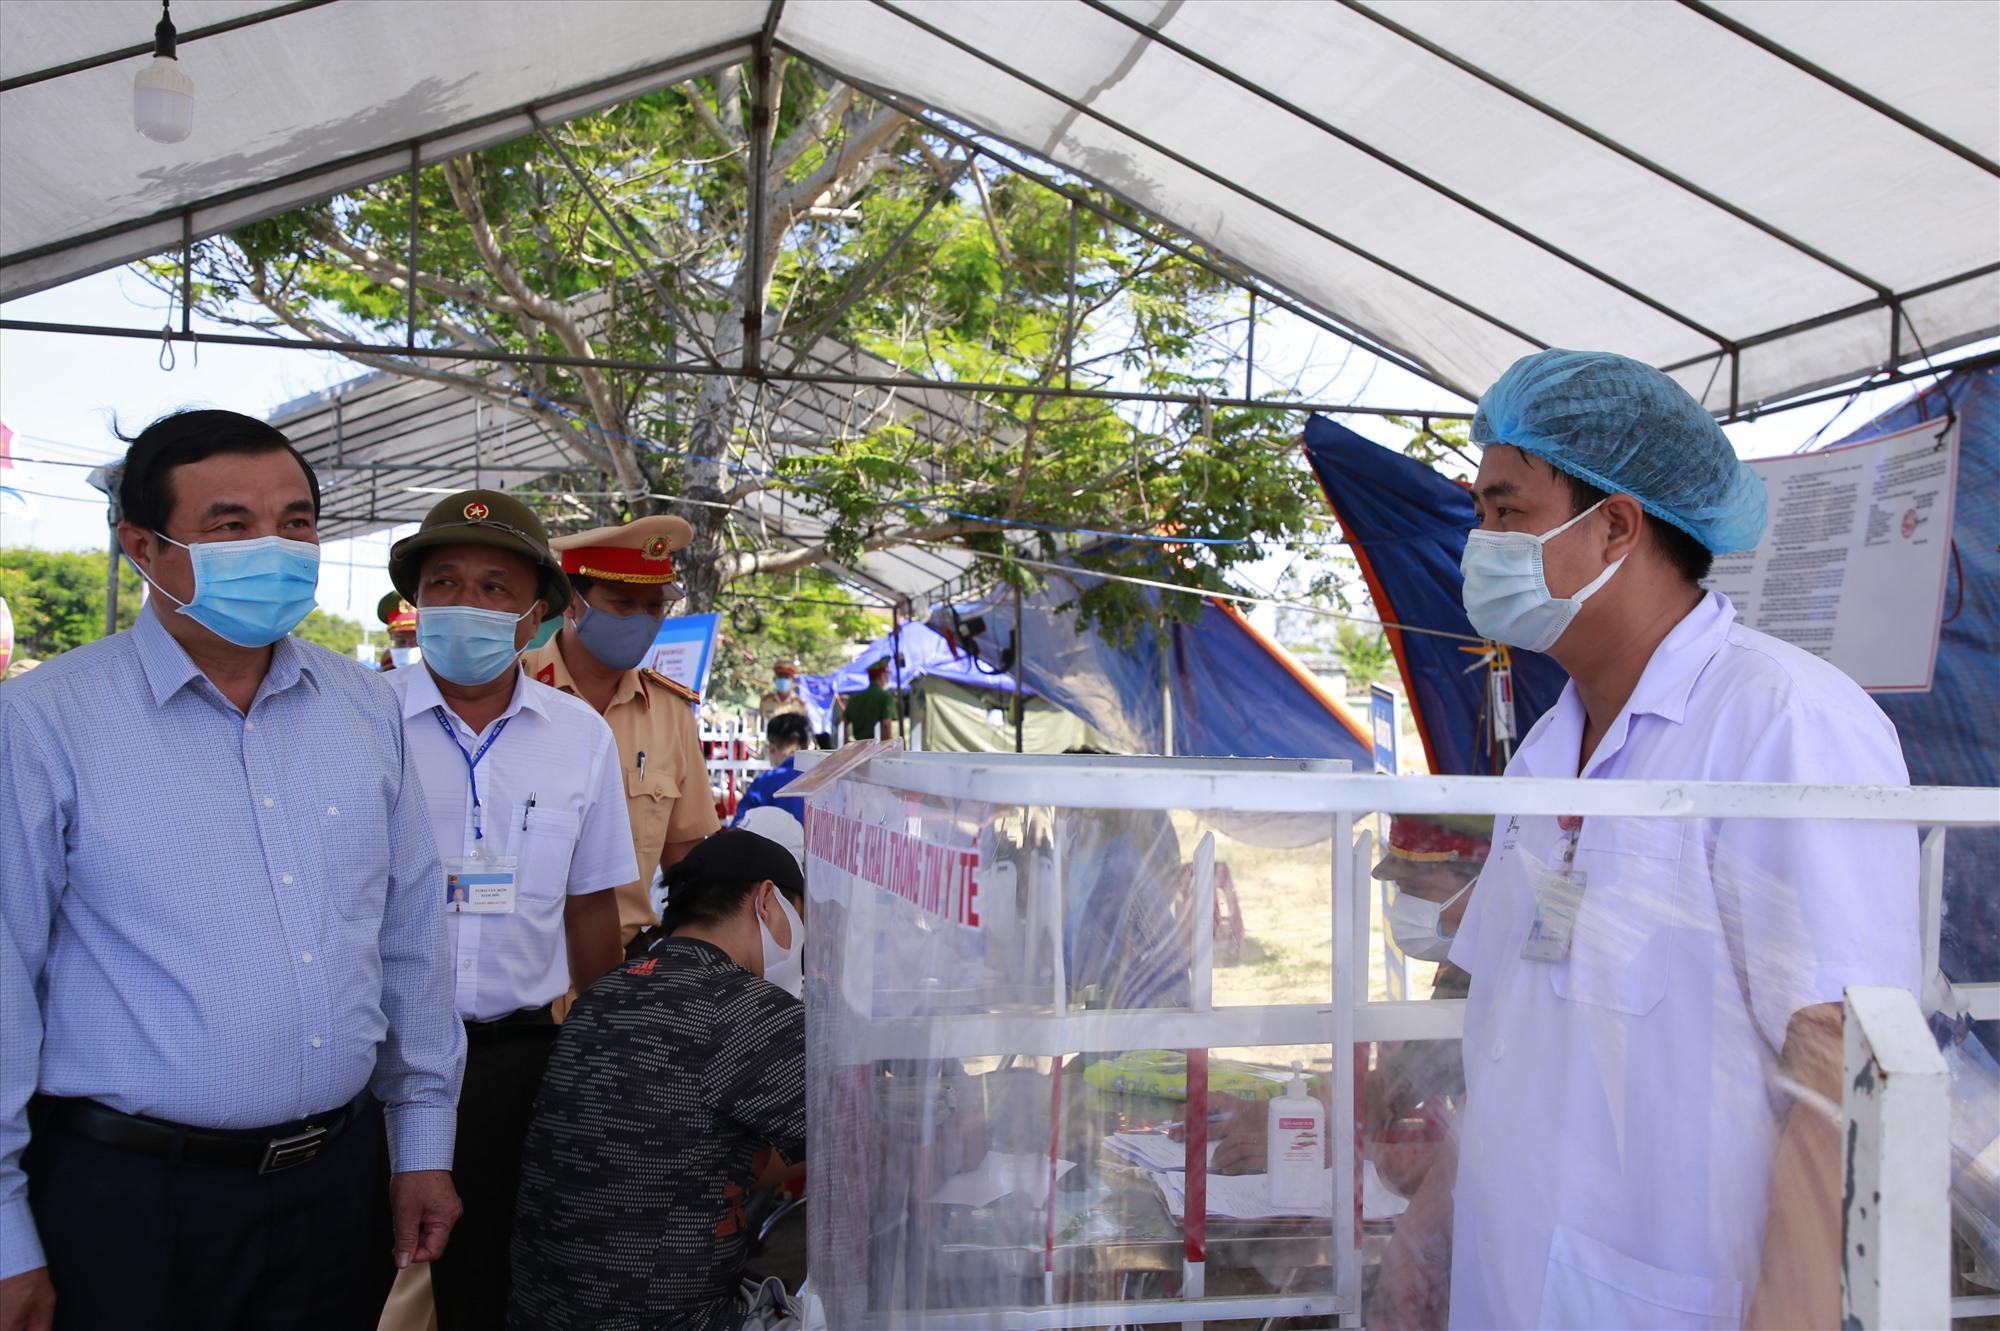 Quảng Nam là một trong 7 địa phương qua 14 ngày không ghi nhận ca mắc mới. Ảnh: Bí thư Tỉnh ủy Phan Việt Cường thăm một chốt kiểm soát phòng chống dịch trên địa bàn thị xã Điện Bàn.